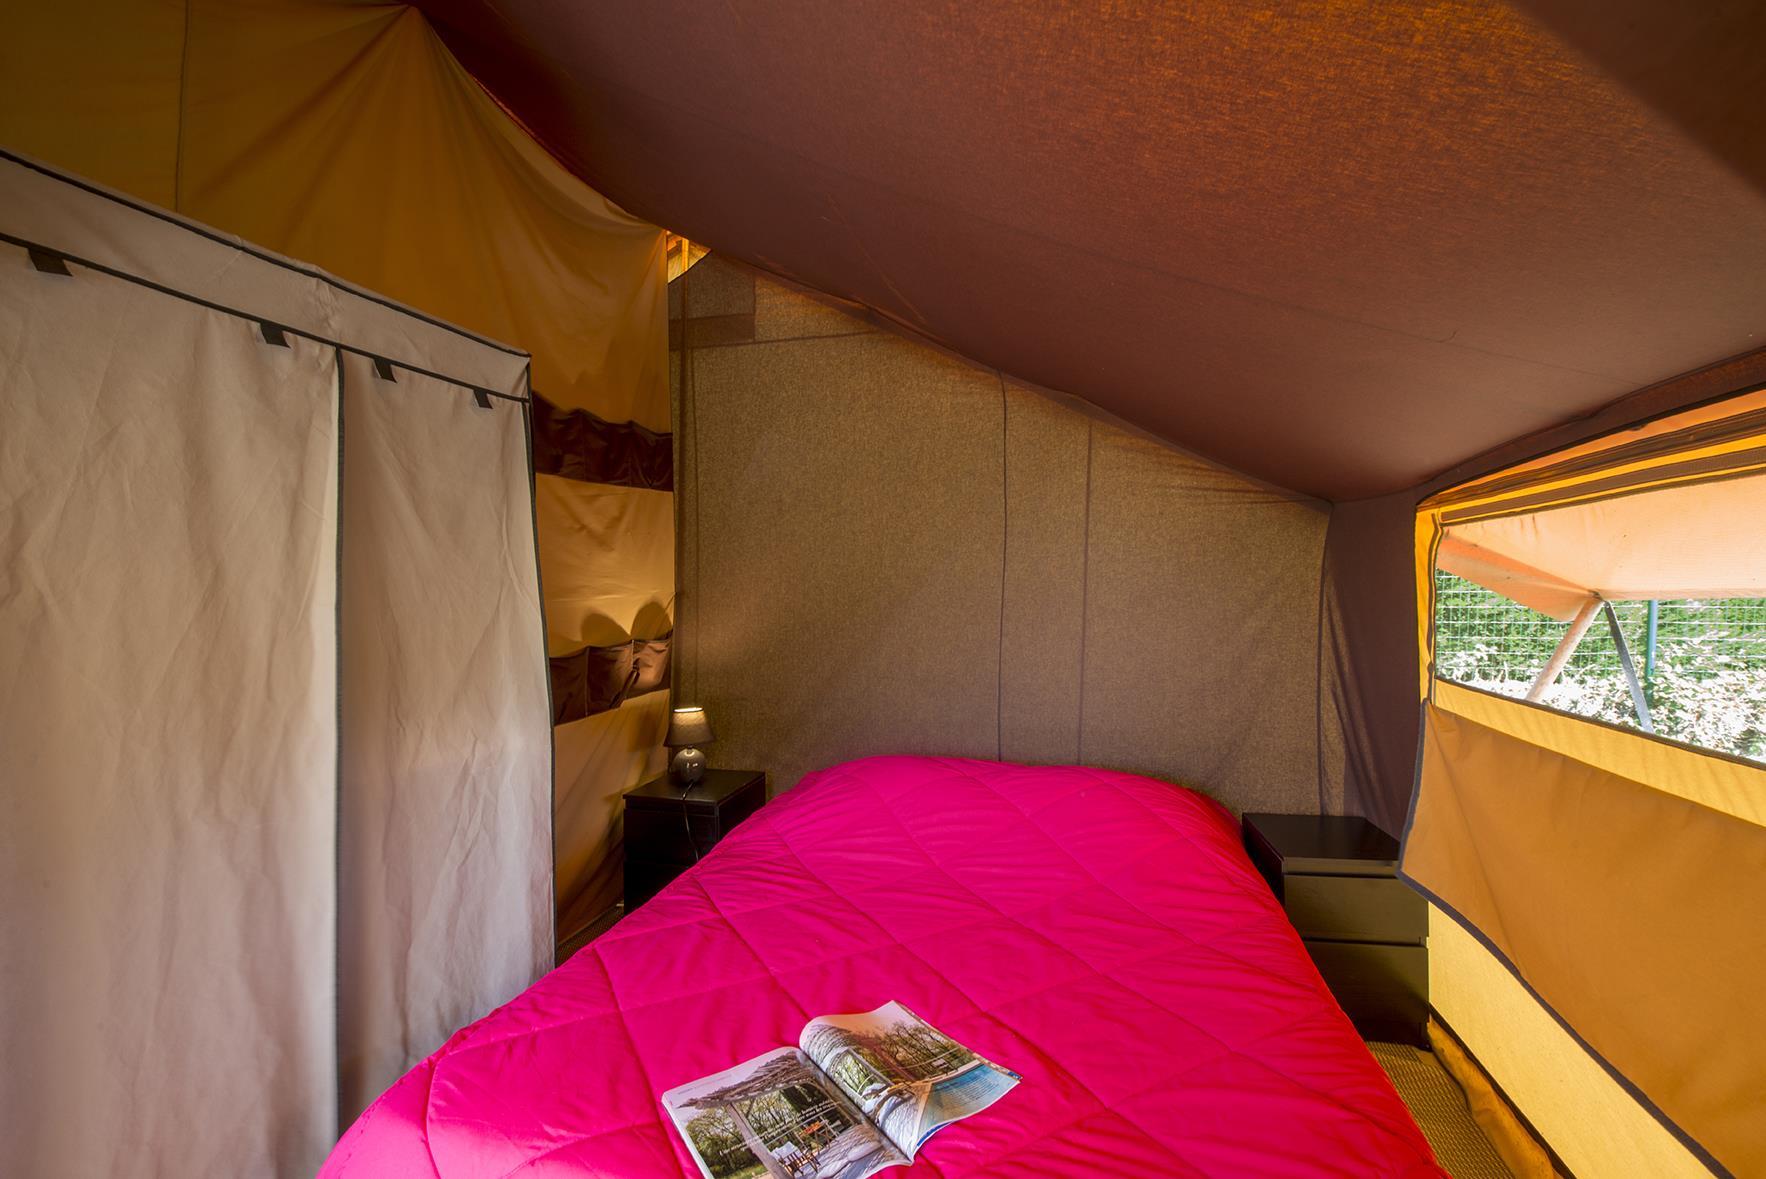 Location - Tente Natura 25M² - 2 Chambres - Terrasse Semi-Couverte / Sans Sanitaires Privés (3 Ans) - Camping Les Albères